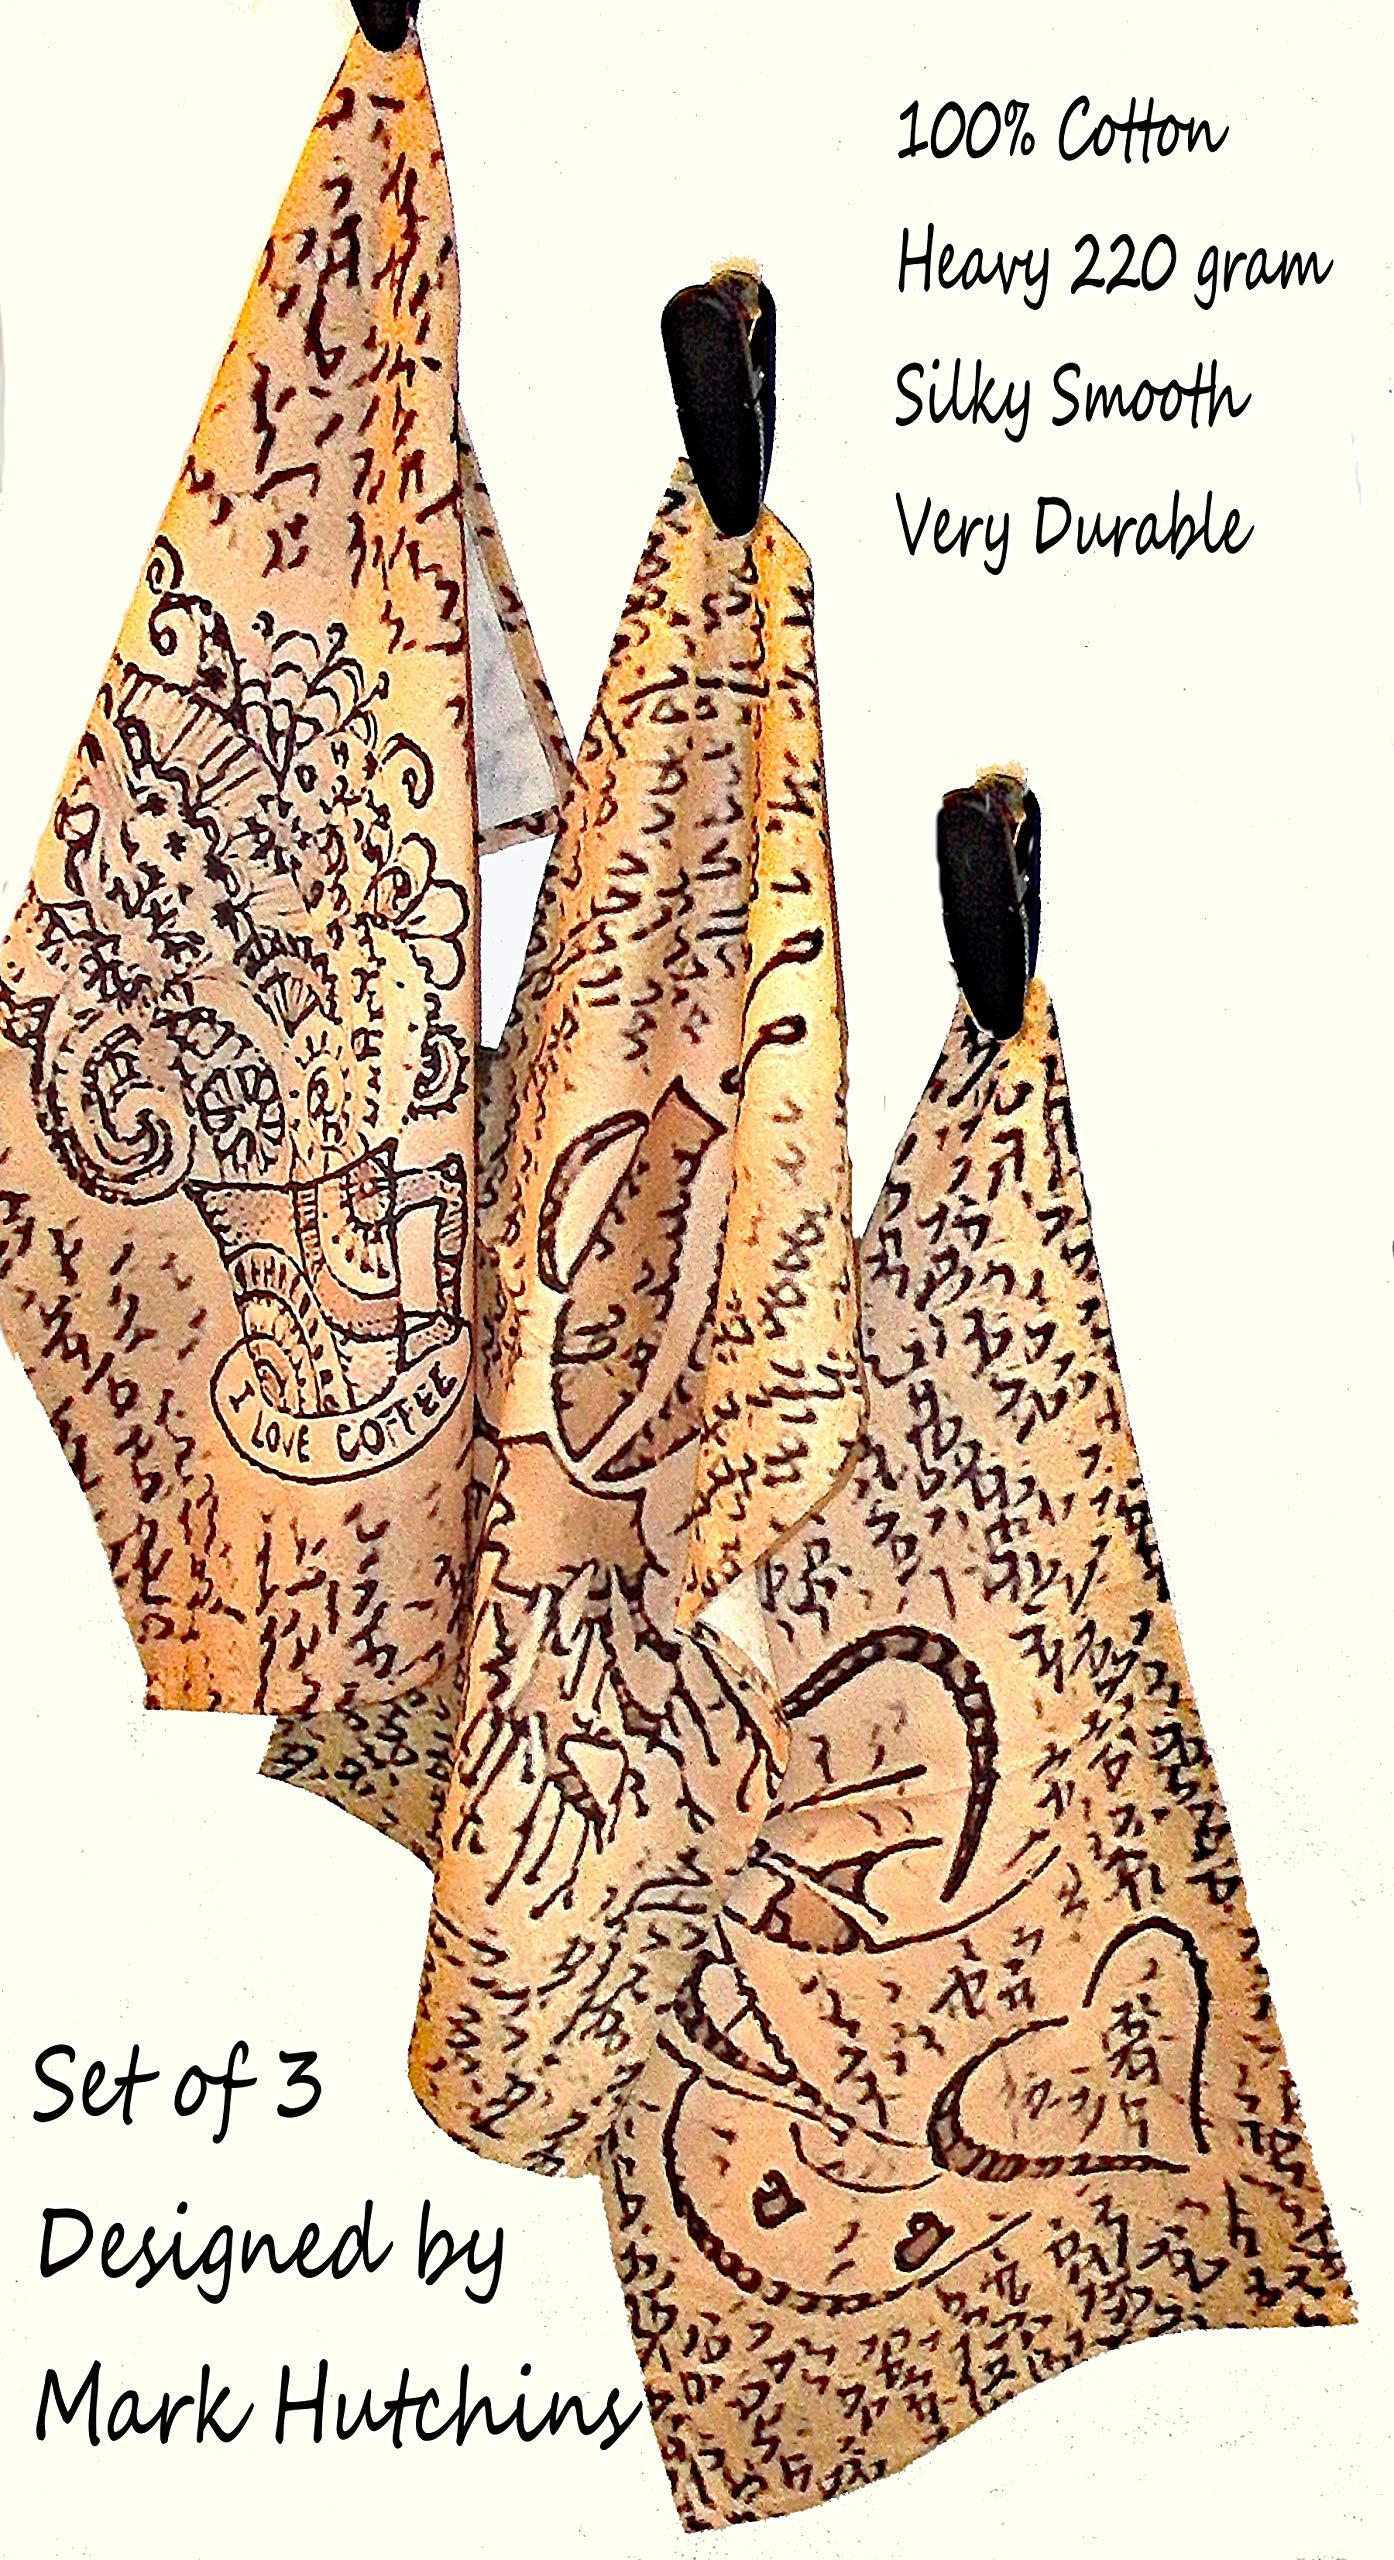 Mark Hutchins Artist Design Tea Towel